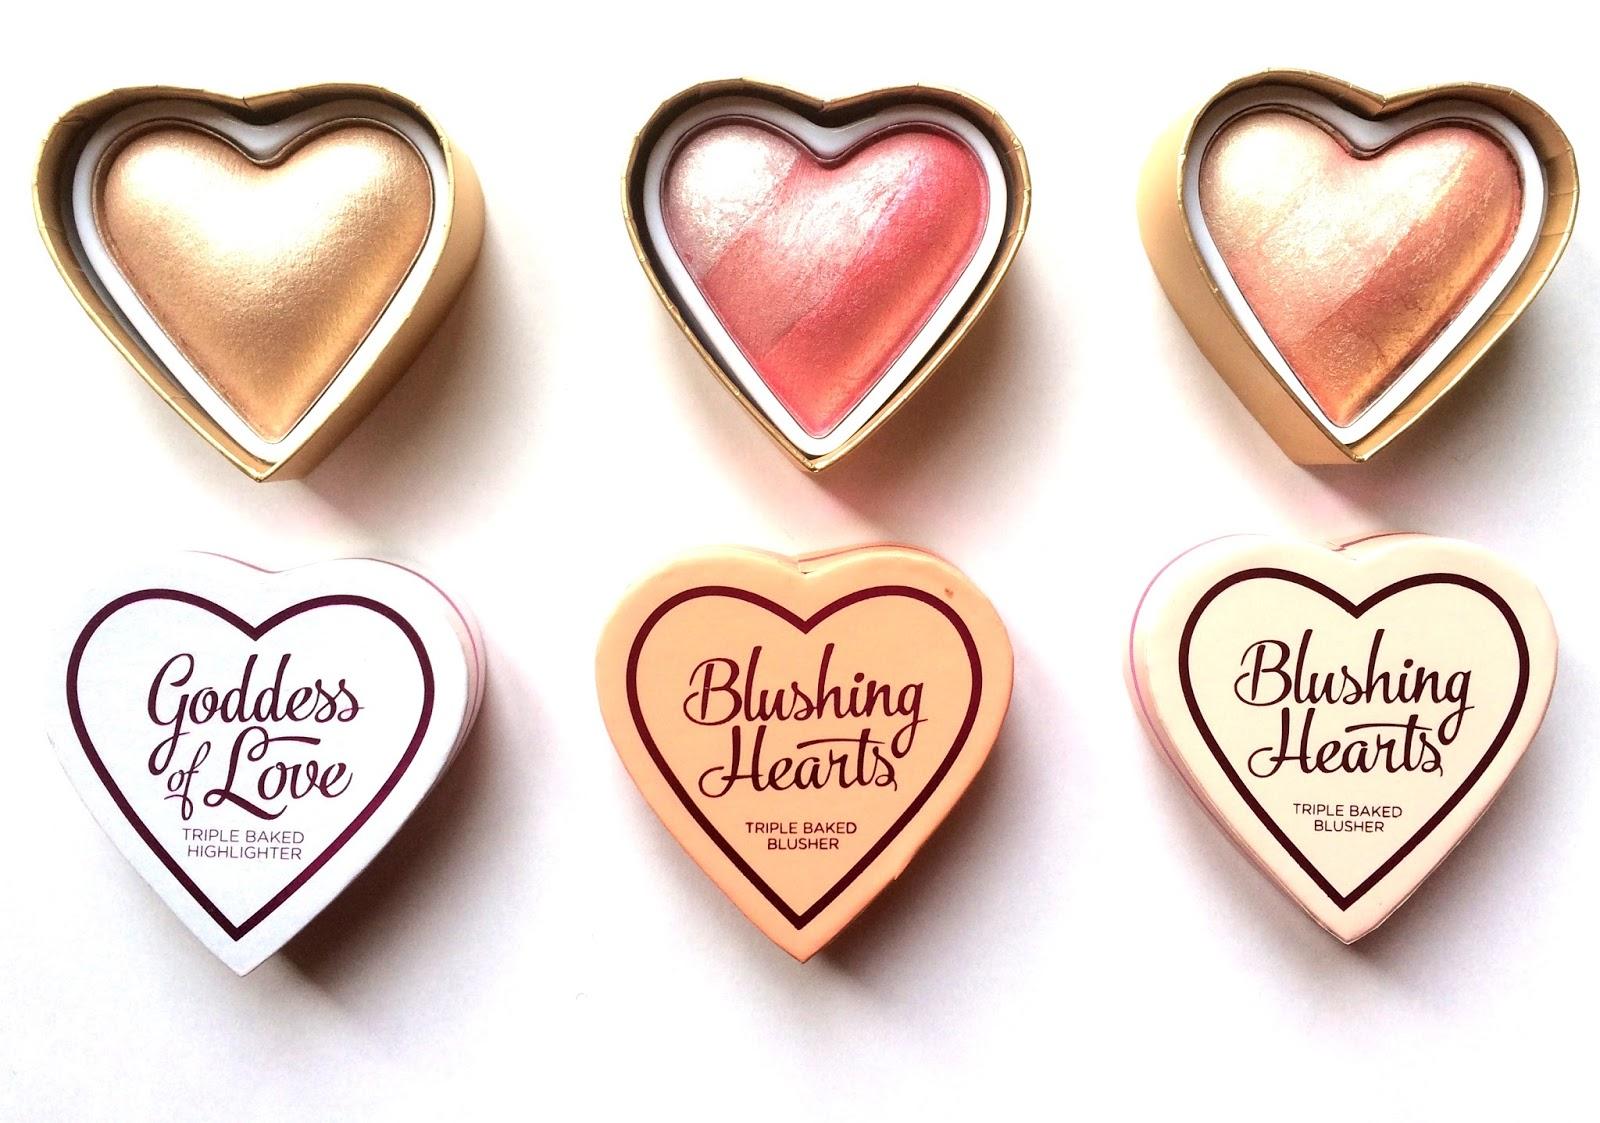 I Love Makeup Blushing Hearts Review Saubhaya Makeup